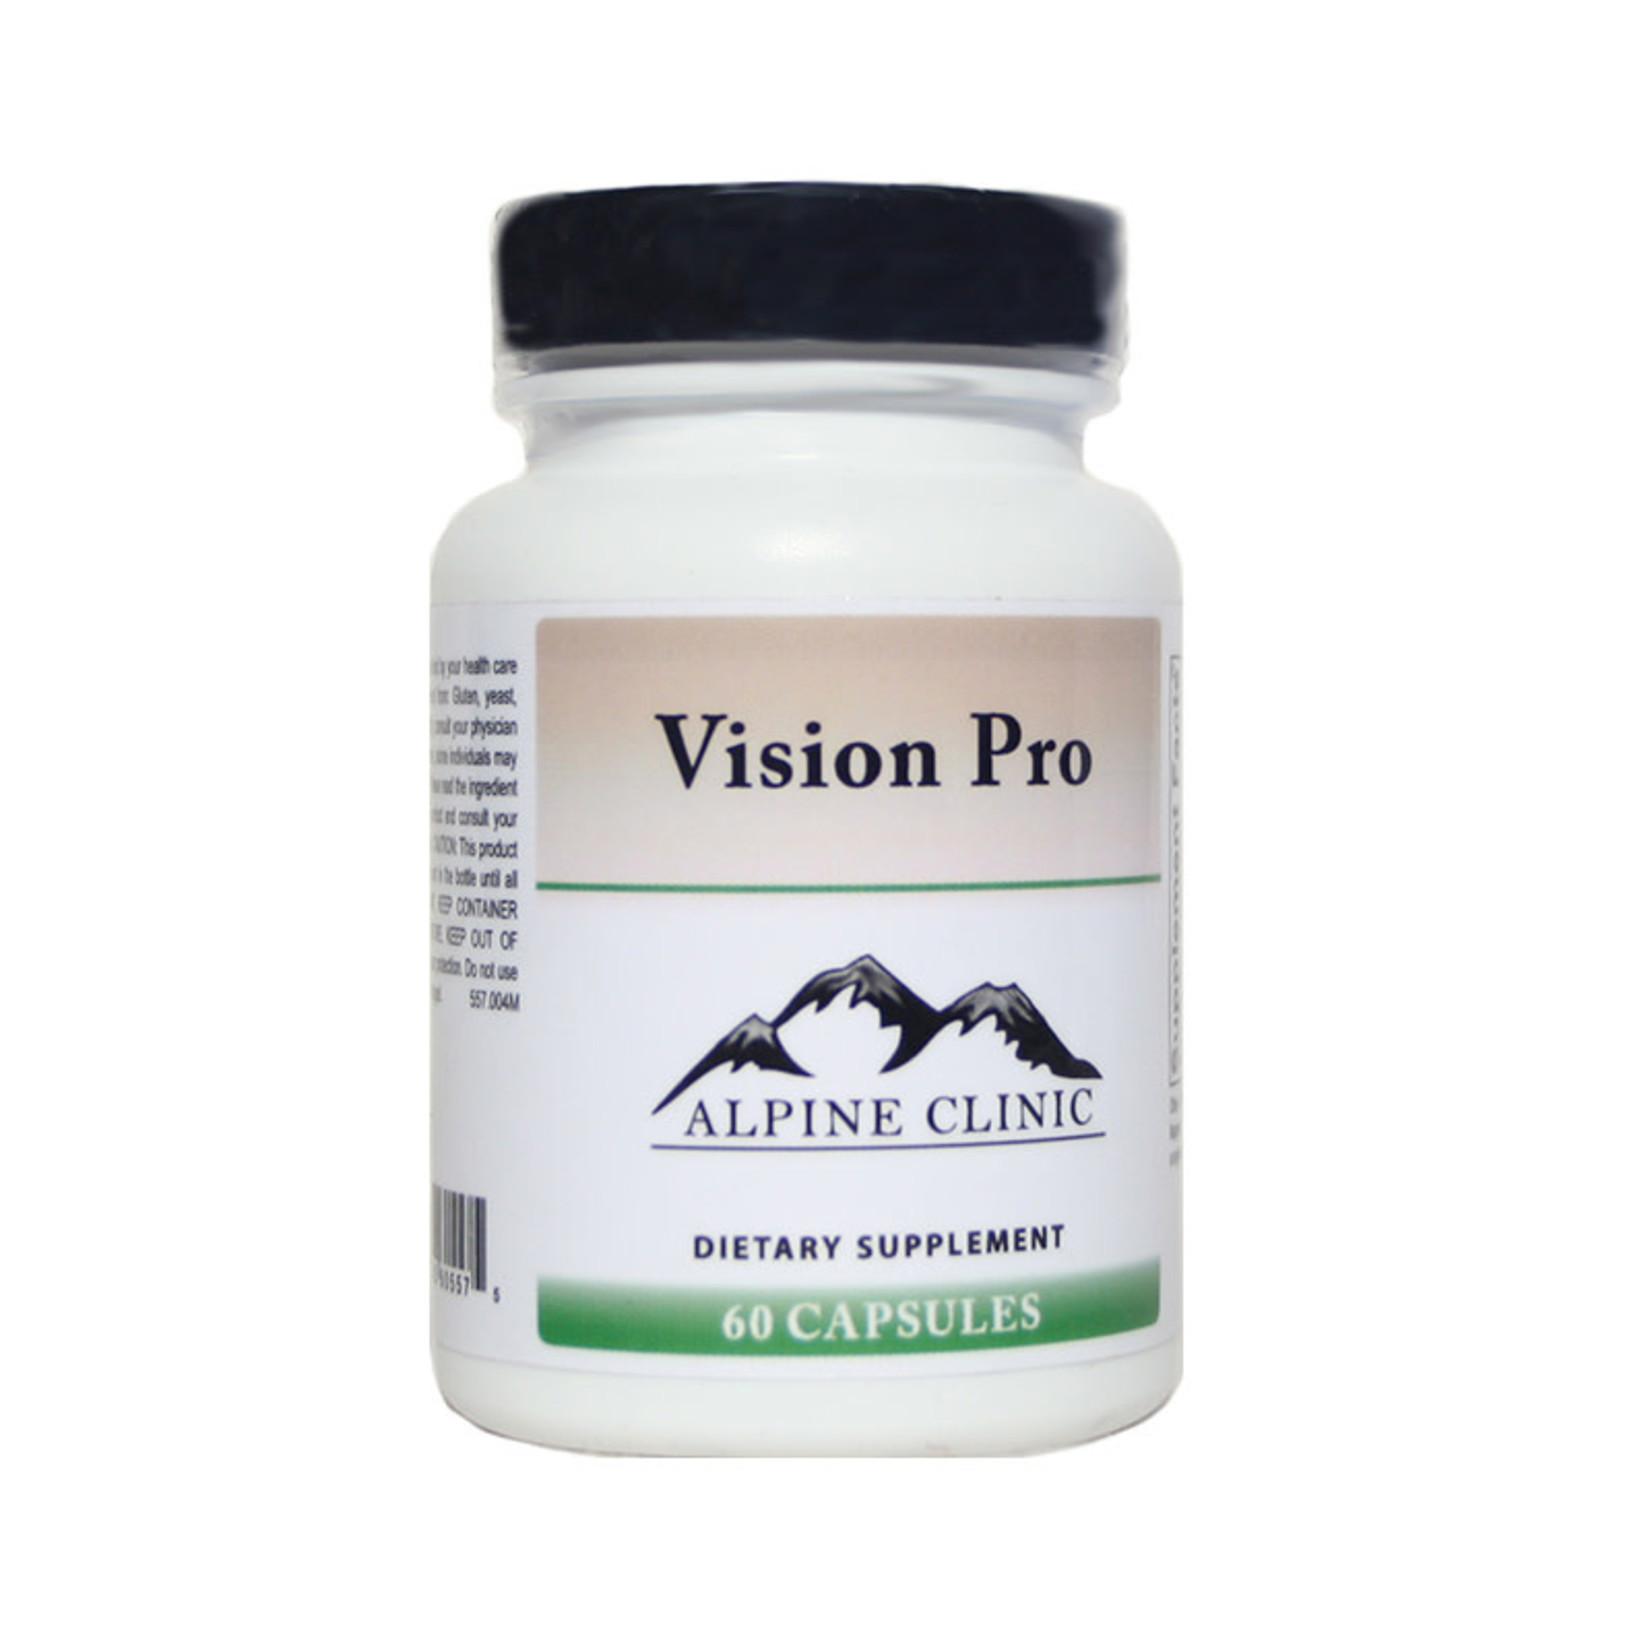 Alpine Clinic Private Label Vision Pro